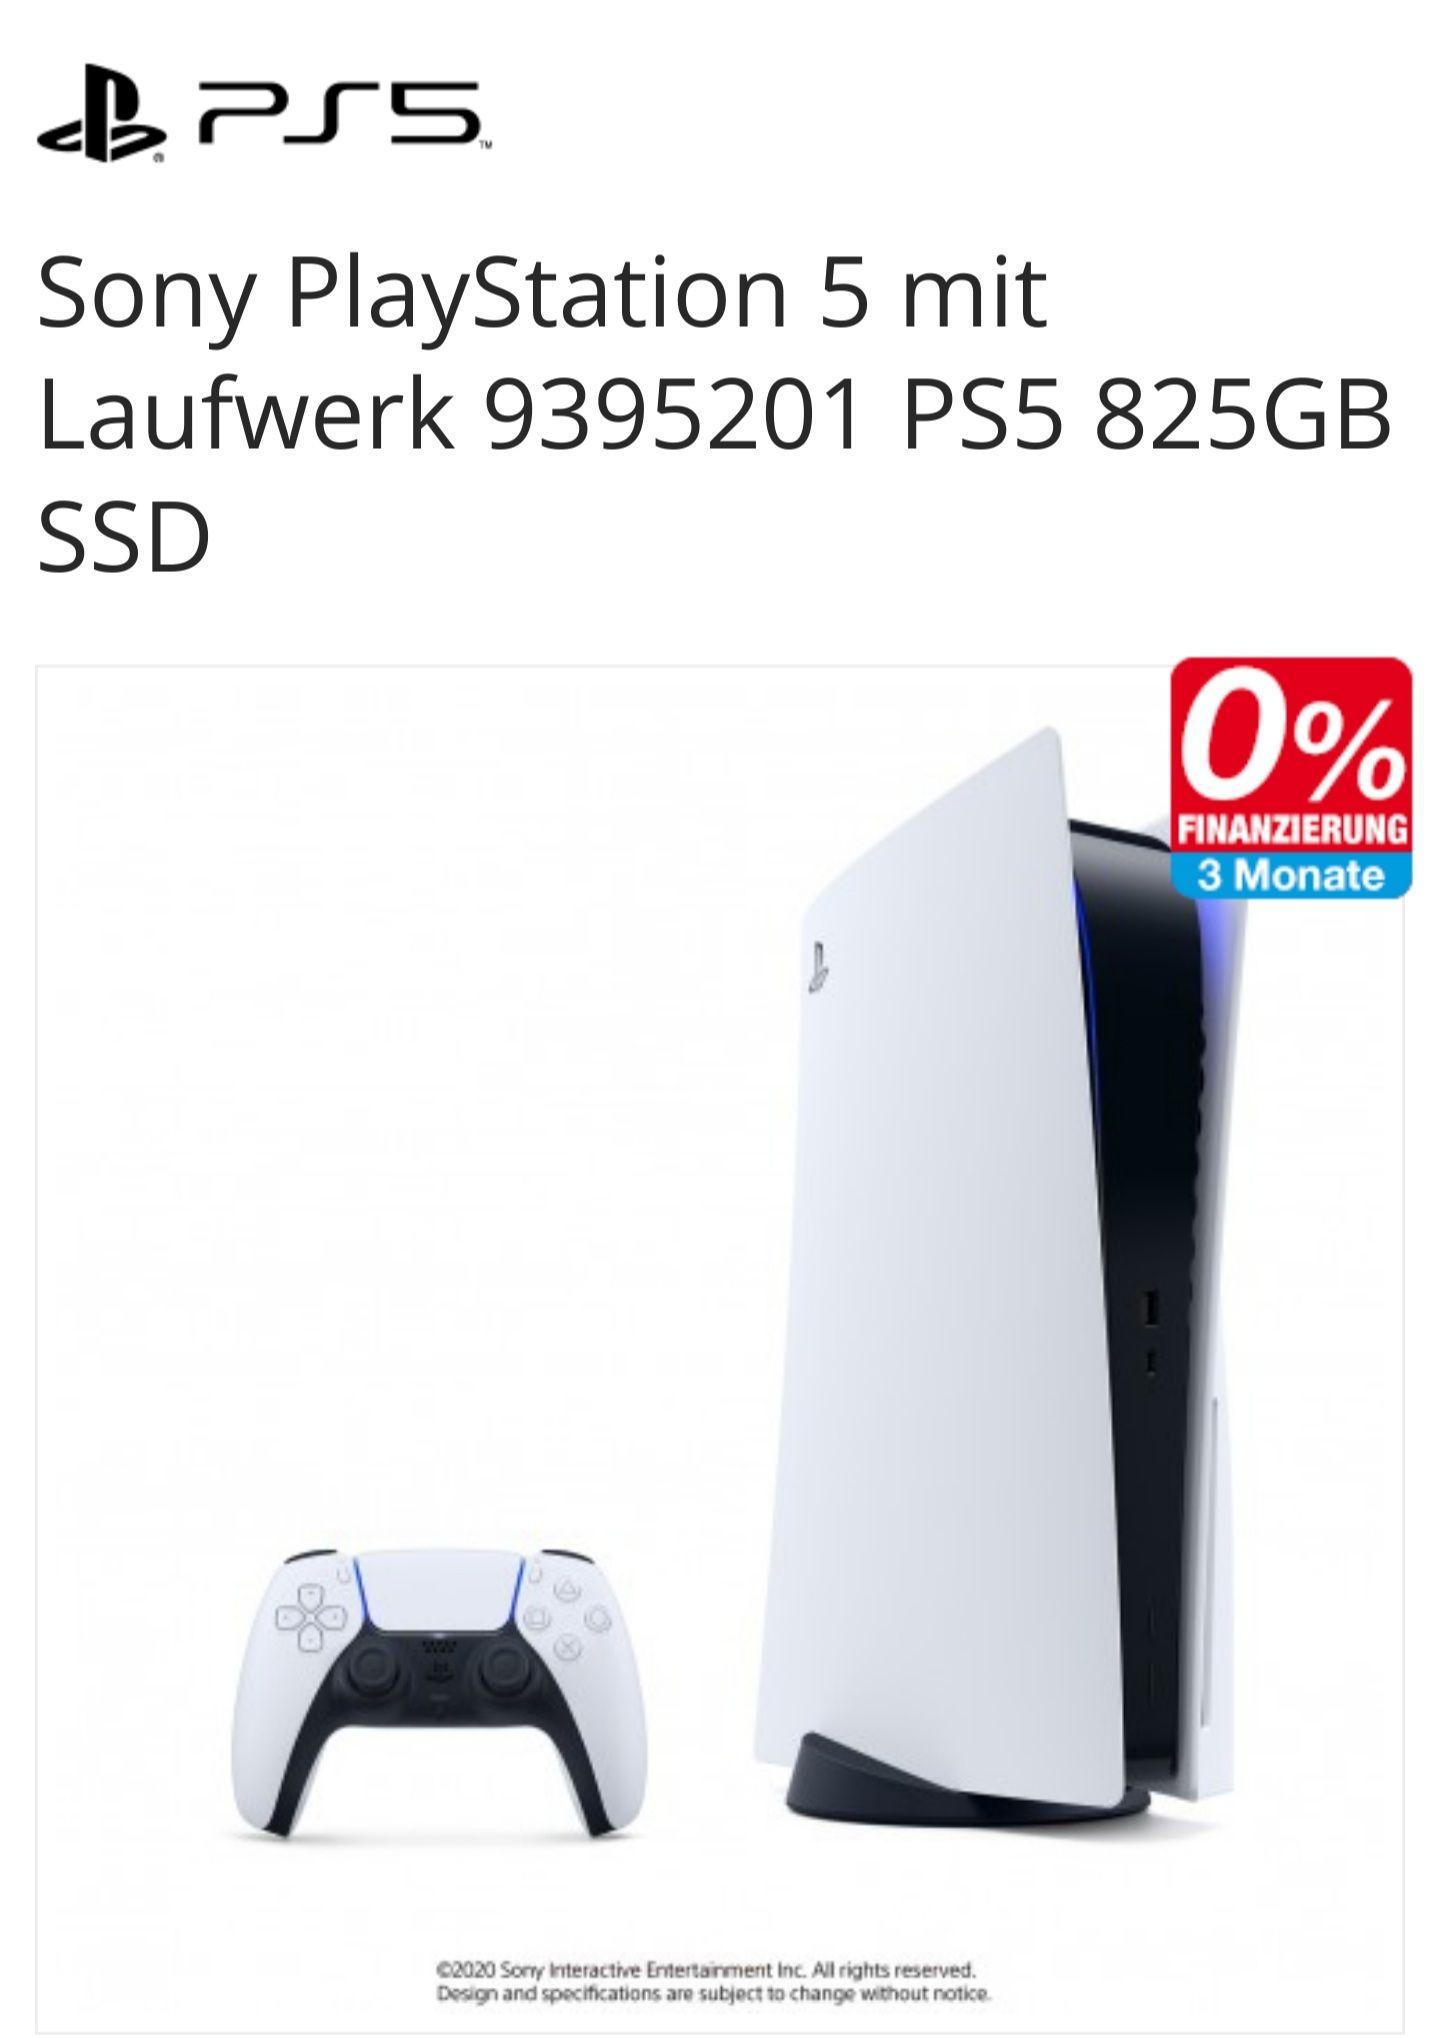 Playstation 5 mit Laufwerk